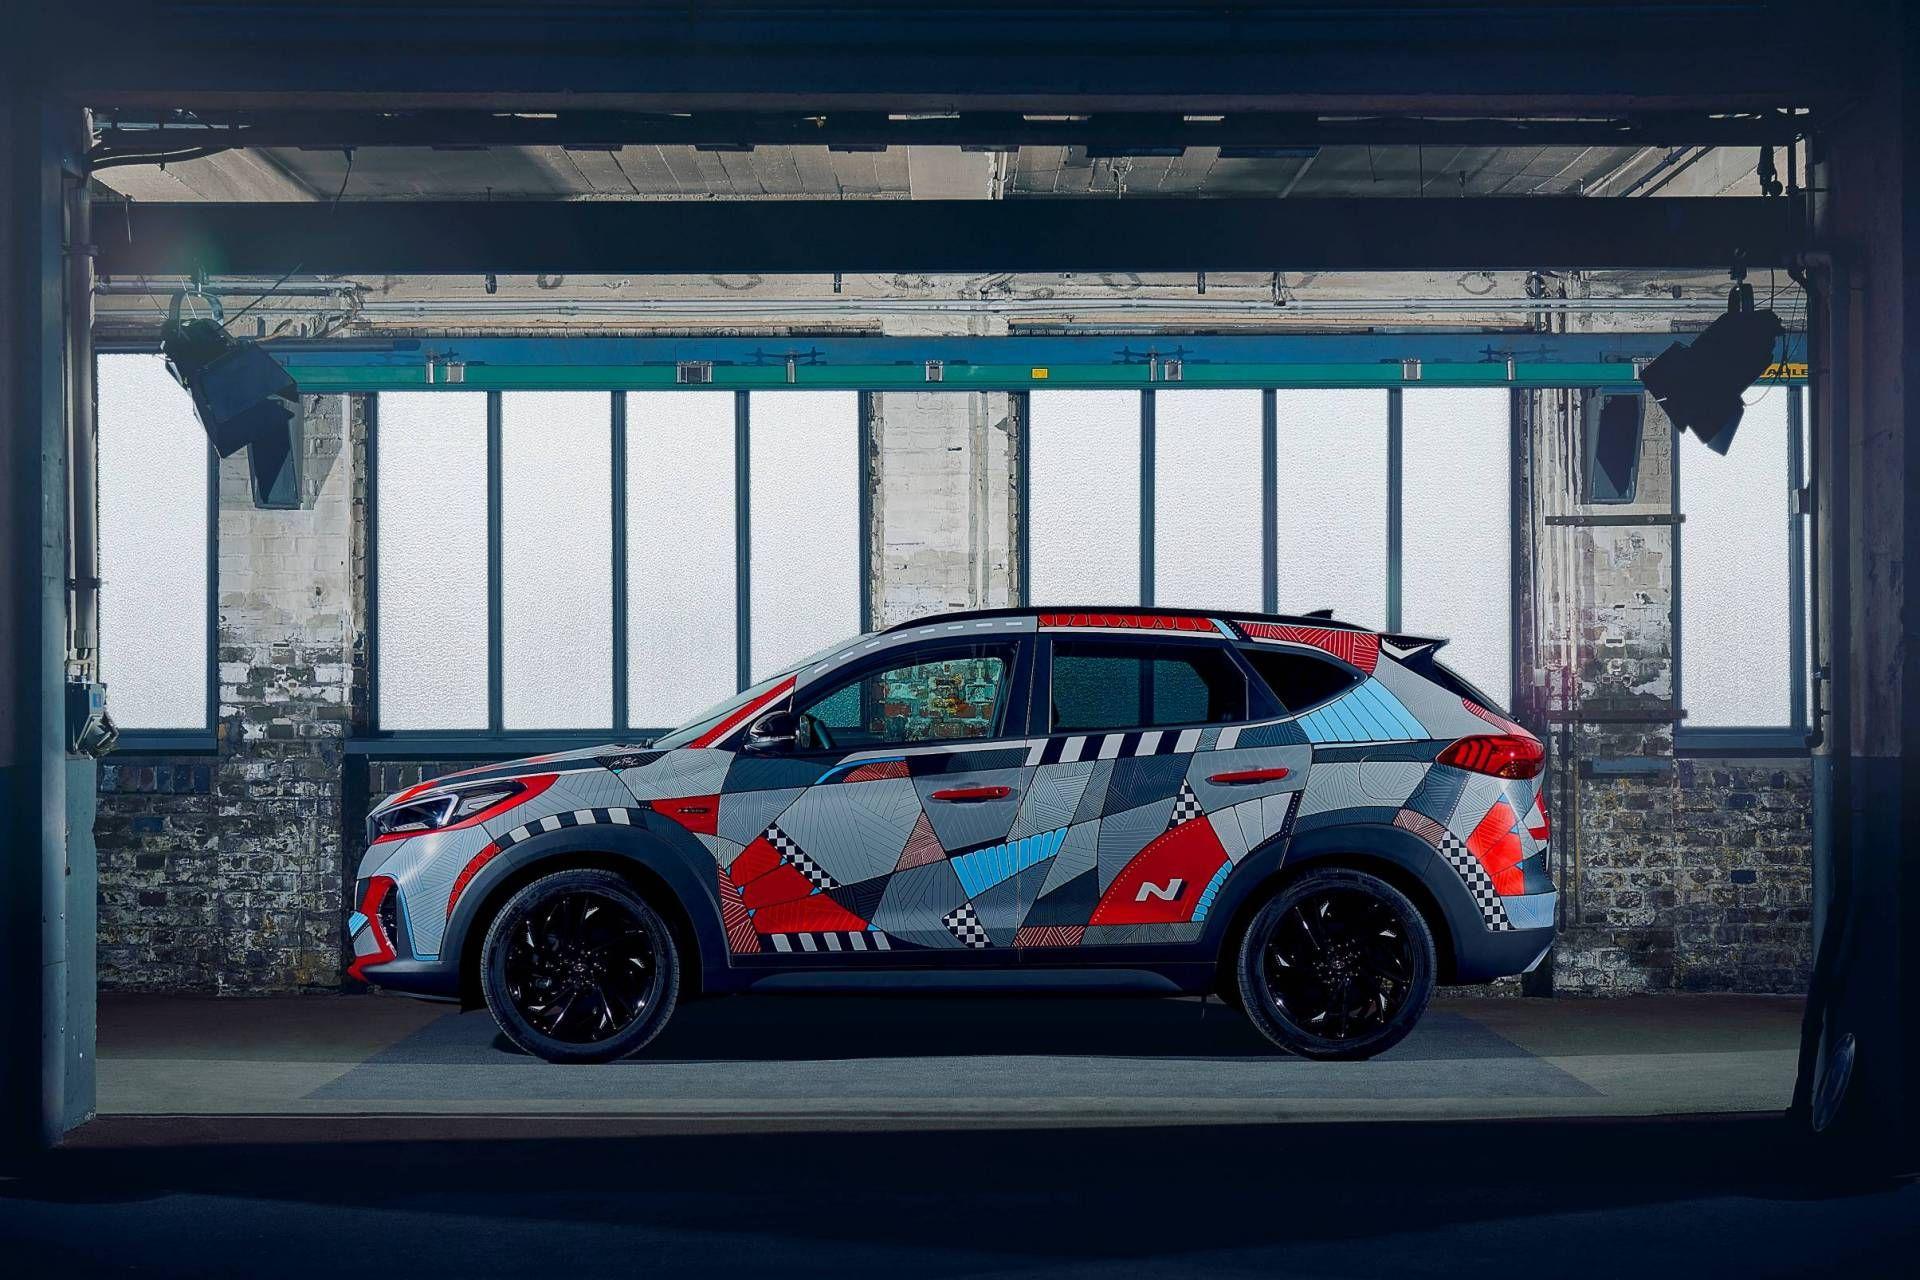 Hyundai Marks Tucson N Line Launch With Drive A Statement Art Car Carscoops In 2020 Car Art Hyundai Car